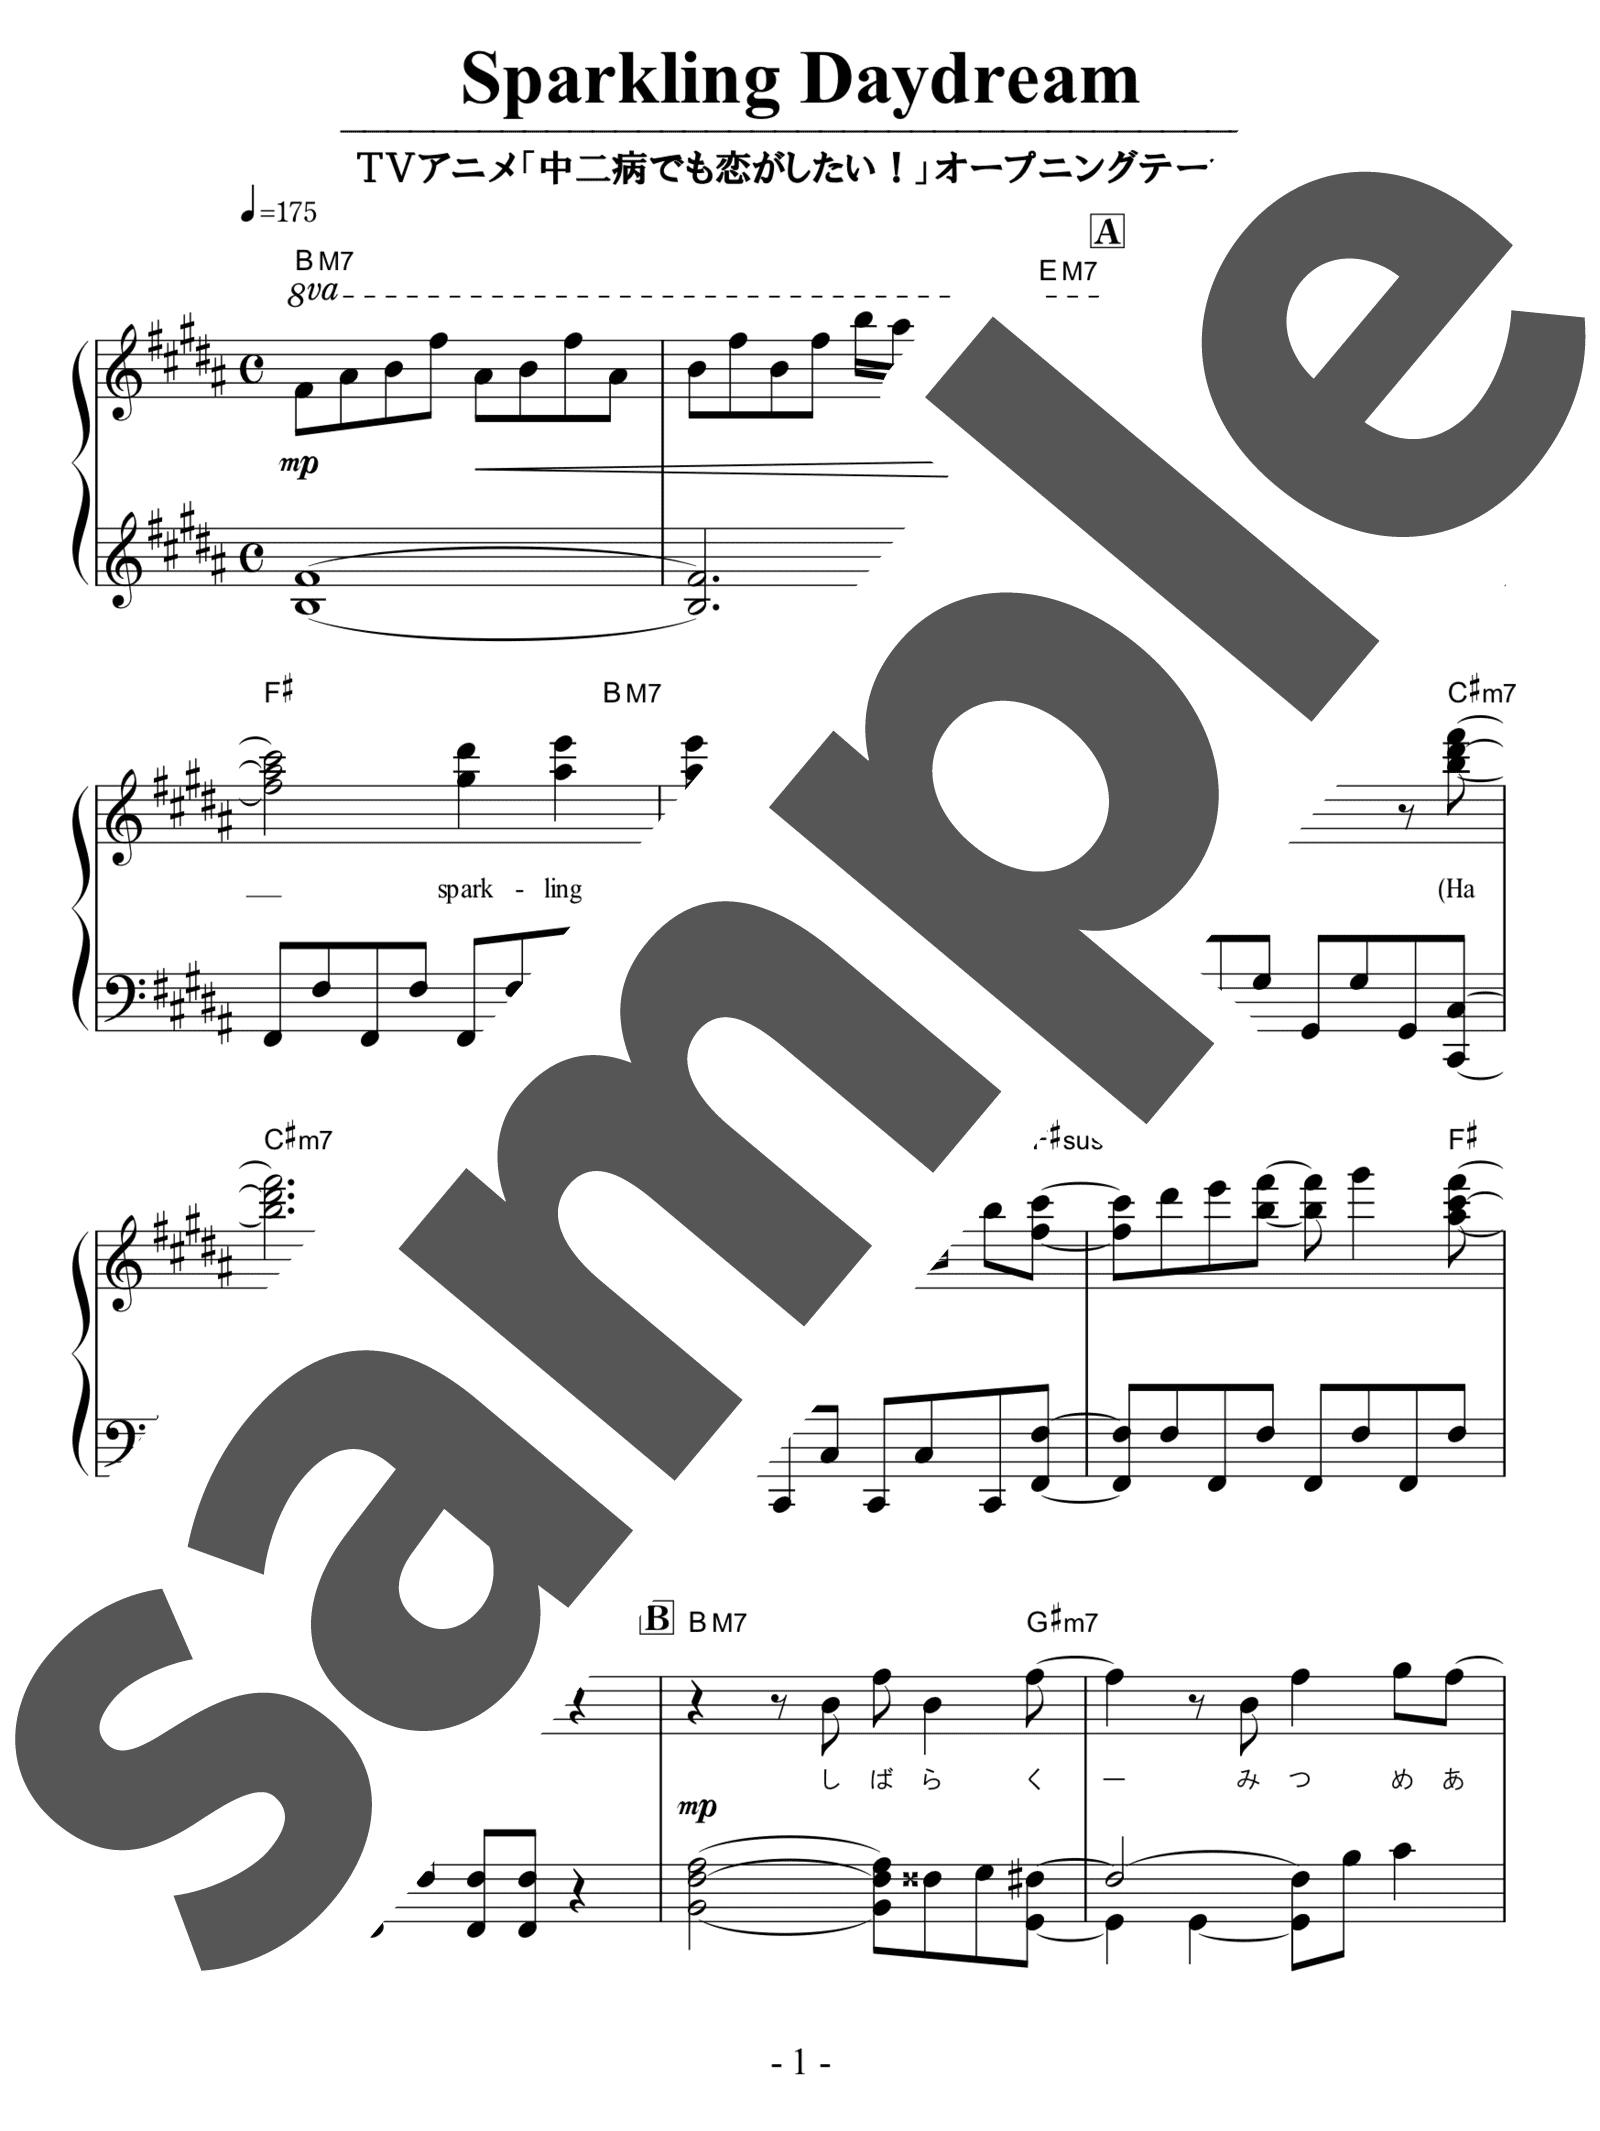 「Sparkling Daydream」のサンプル楽譜